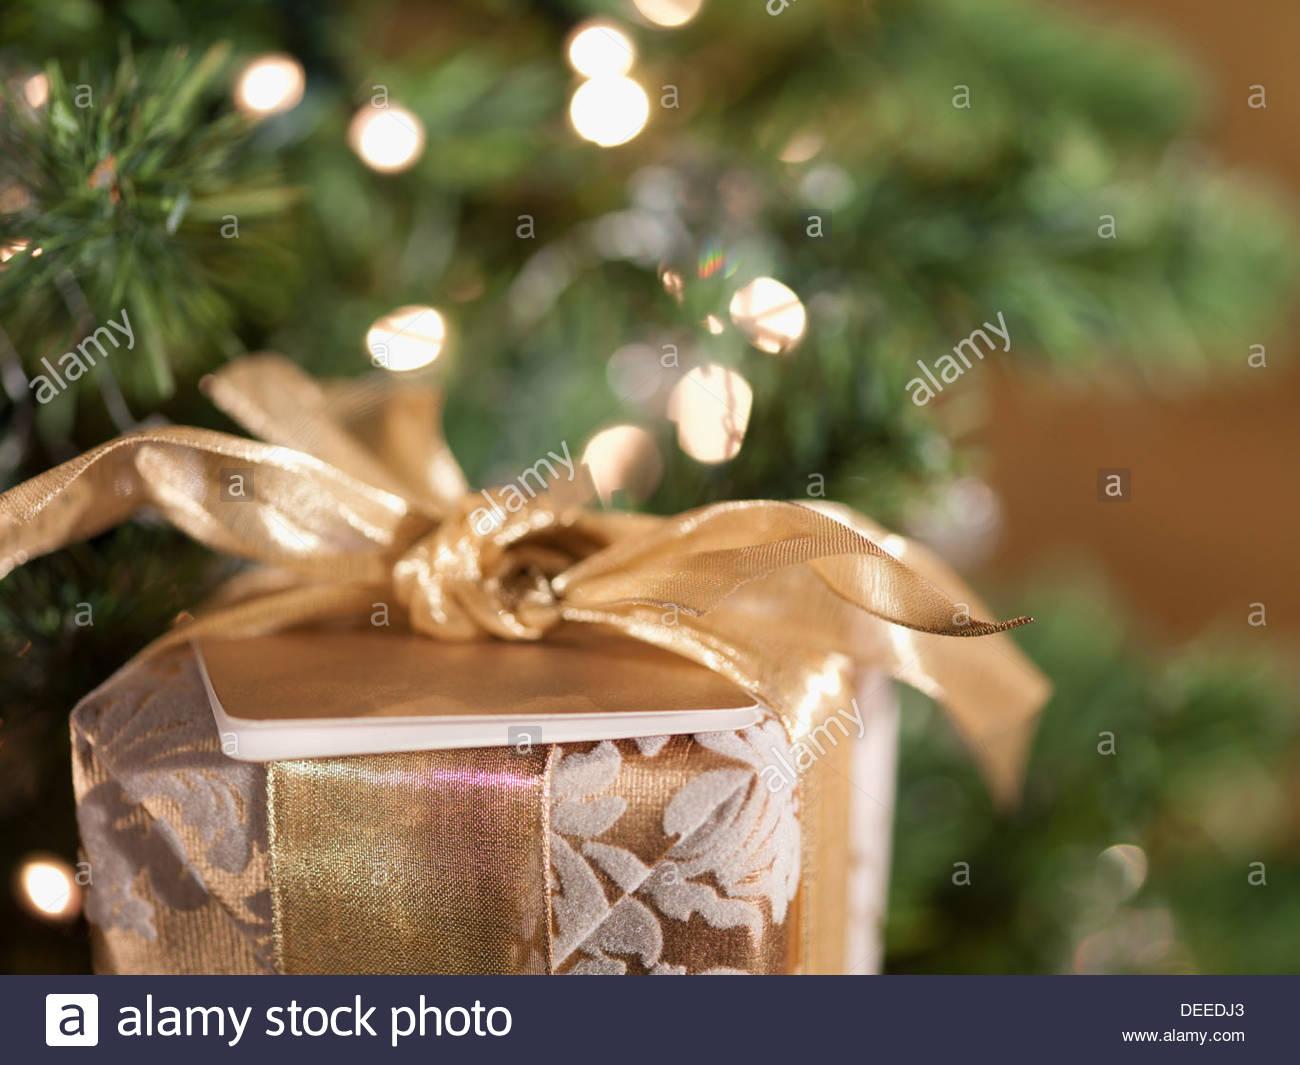 Weihnachts-Geschenk in der Nähe von Baum Stockbild